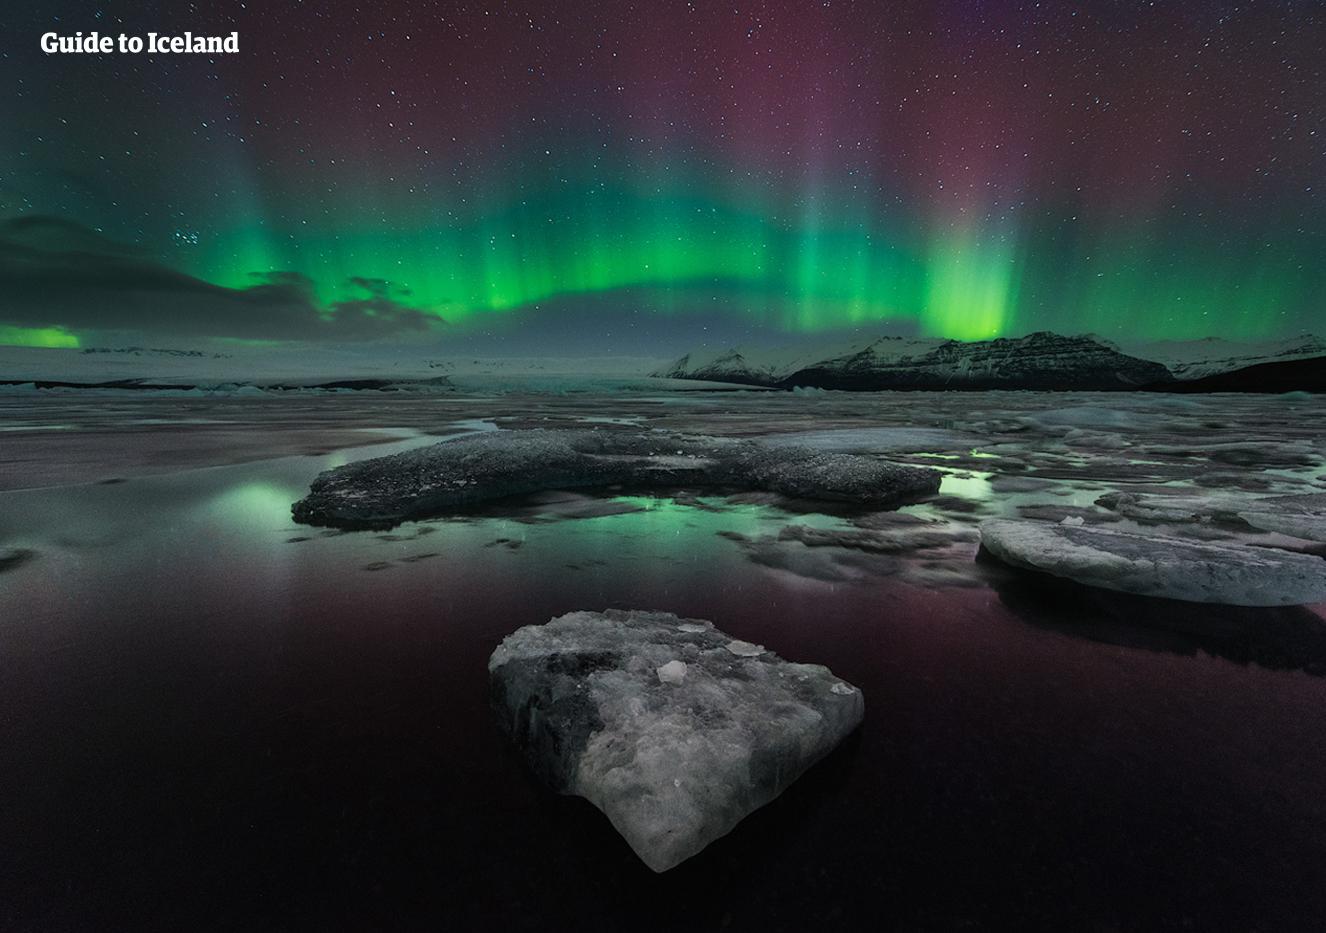 ヨークルスアゥルロゥン氷河湖の上空に現れたオーロラはピンク、緑、紫とさまざまな色をしている